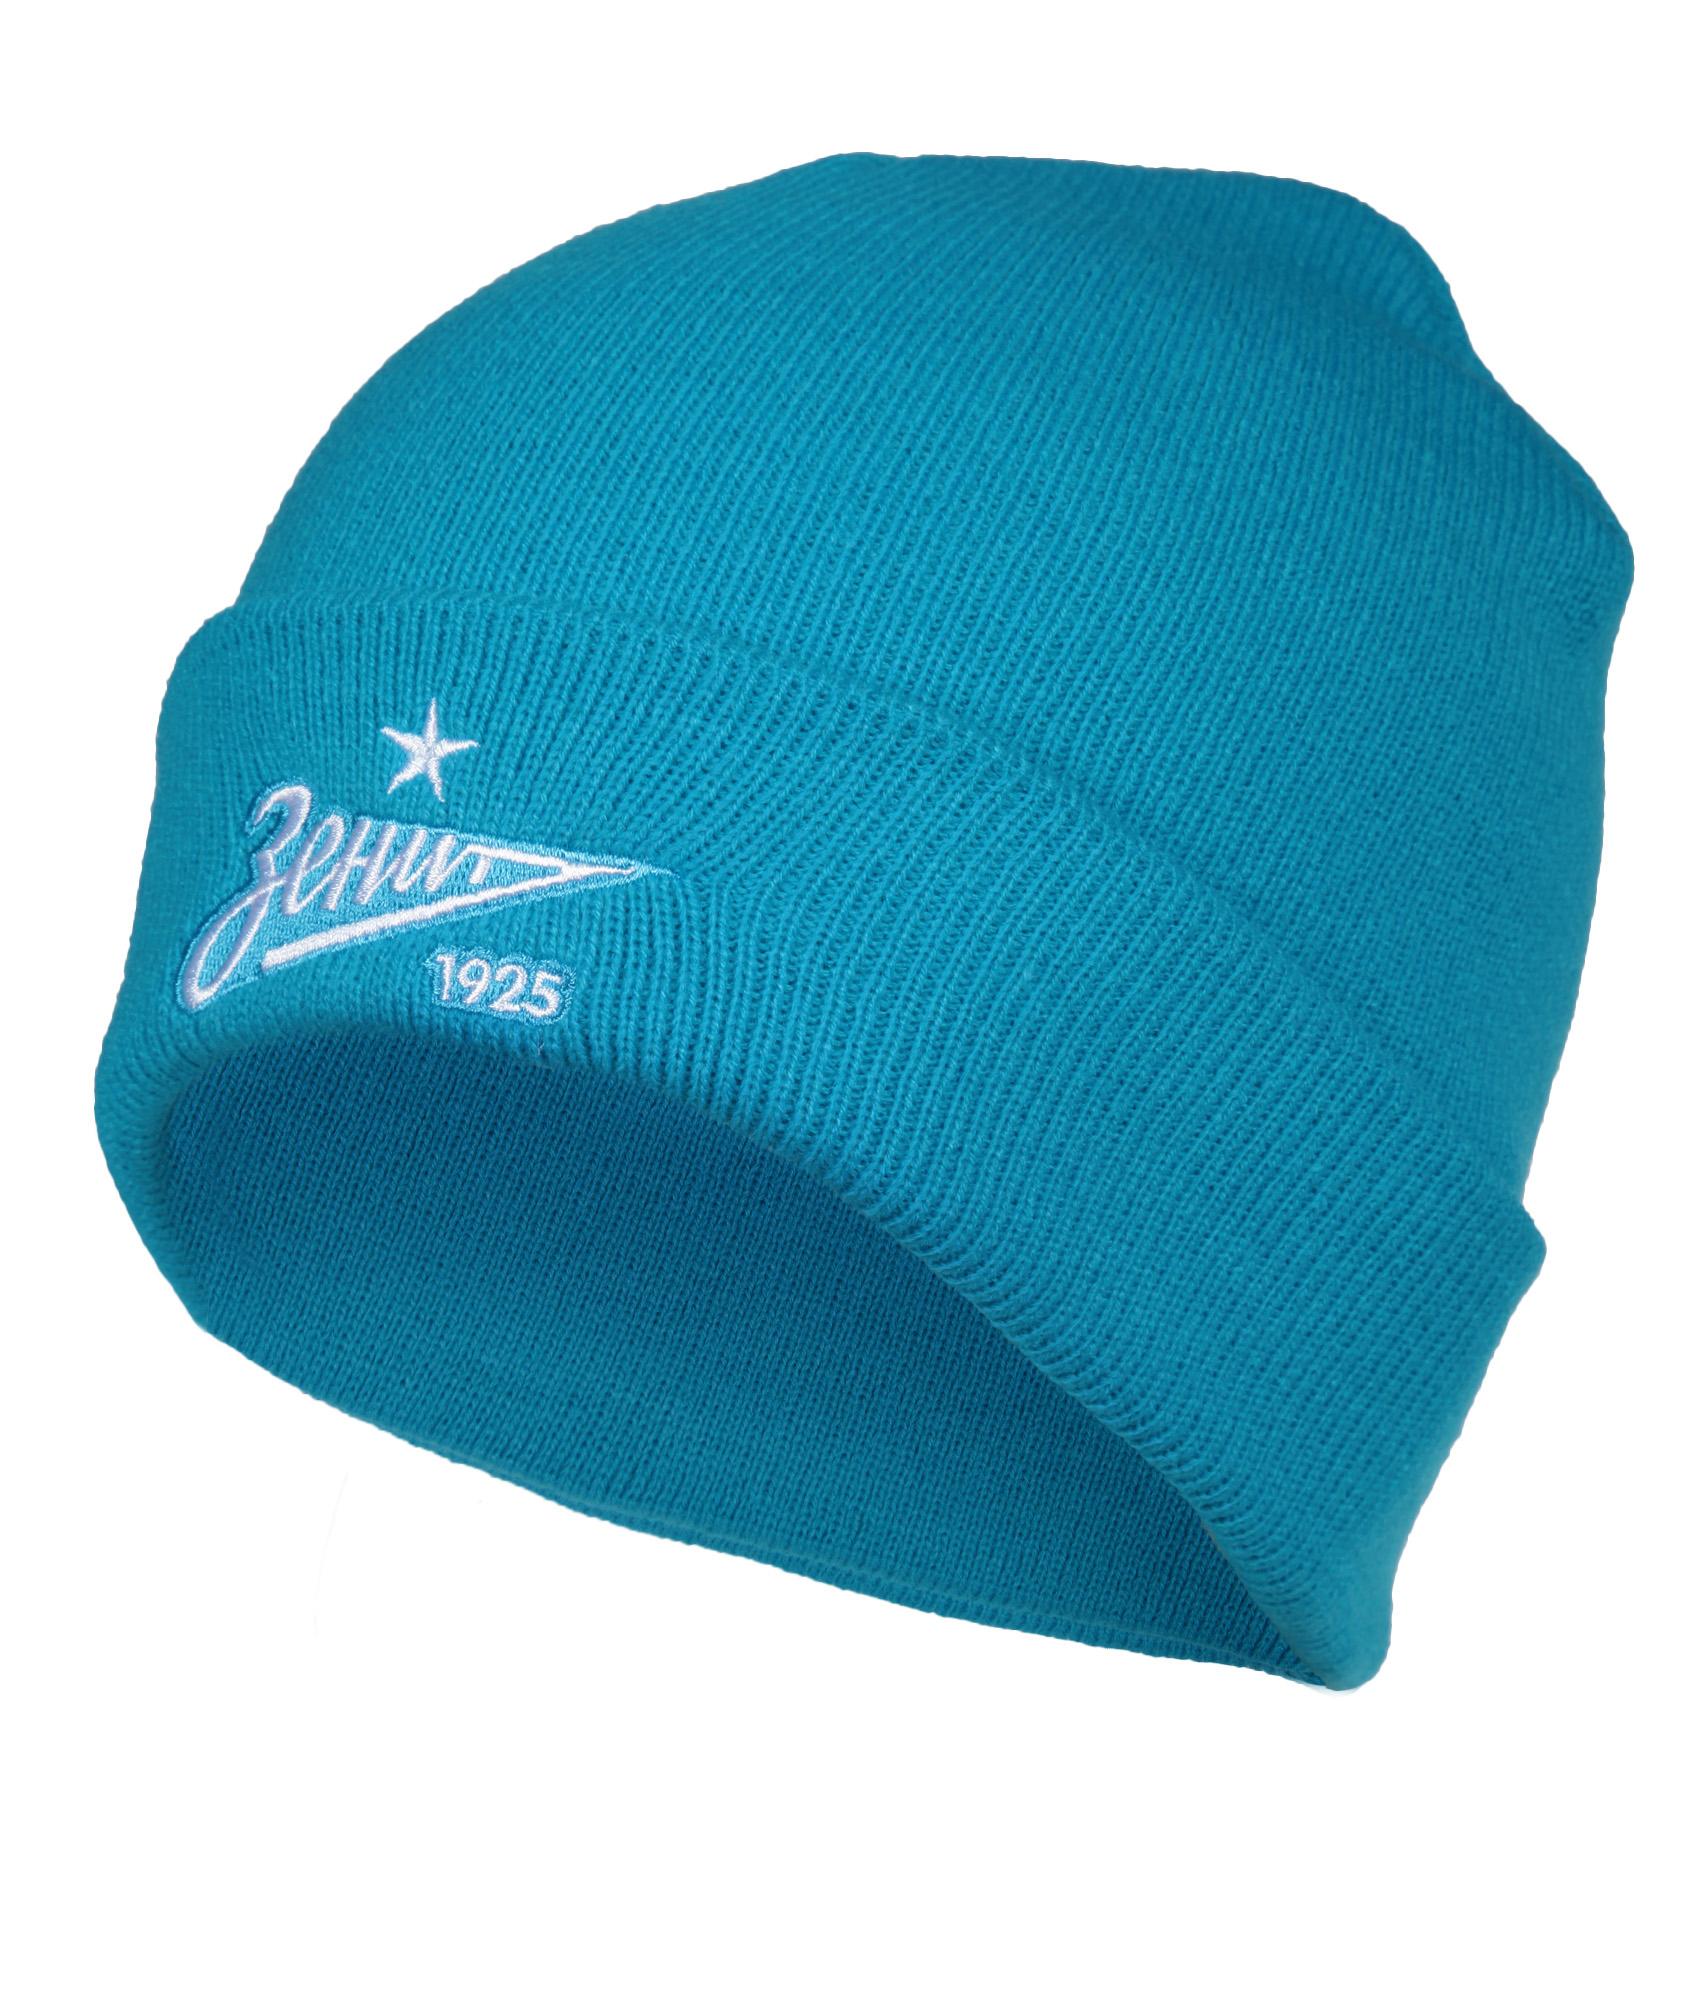 Фото - Шапка детская Зенит Цвет-Лазурный шапка мужская зенит